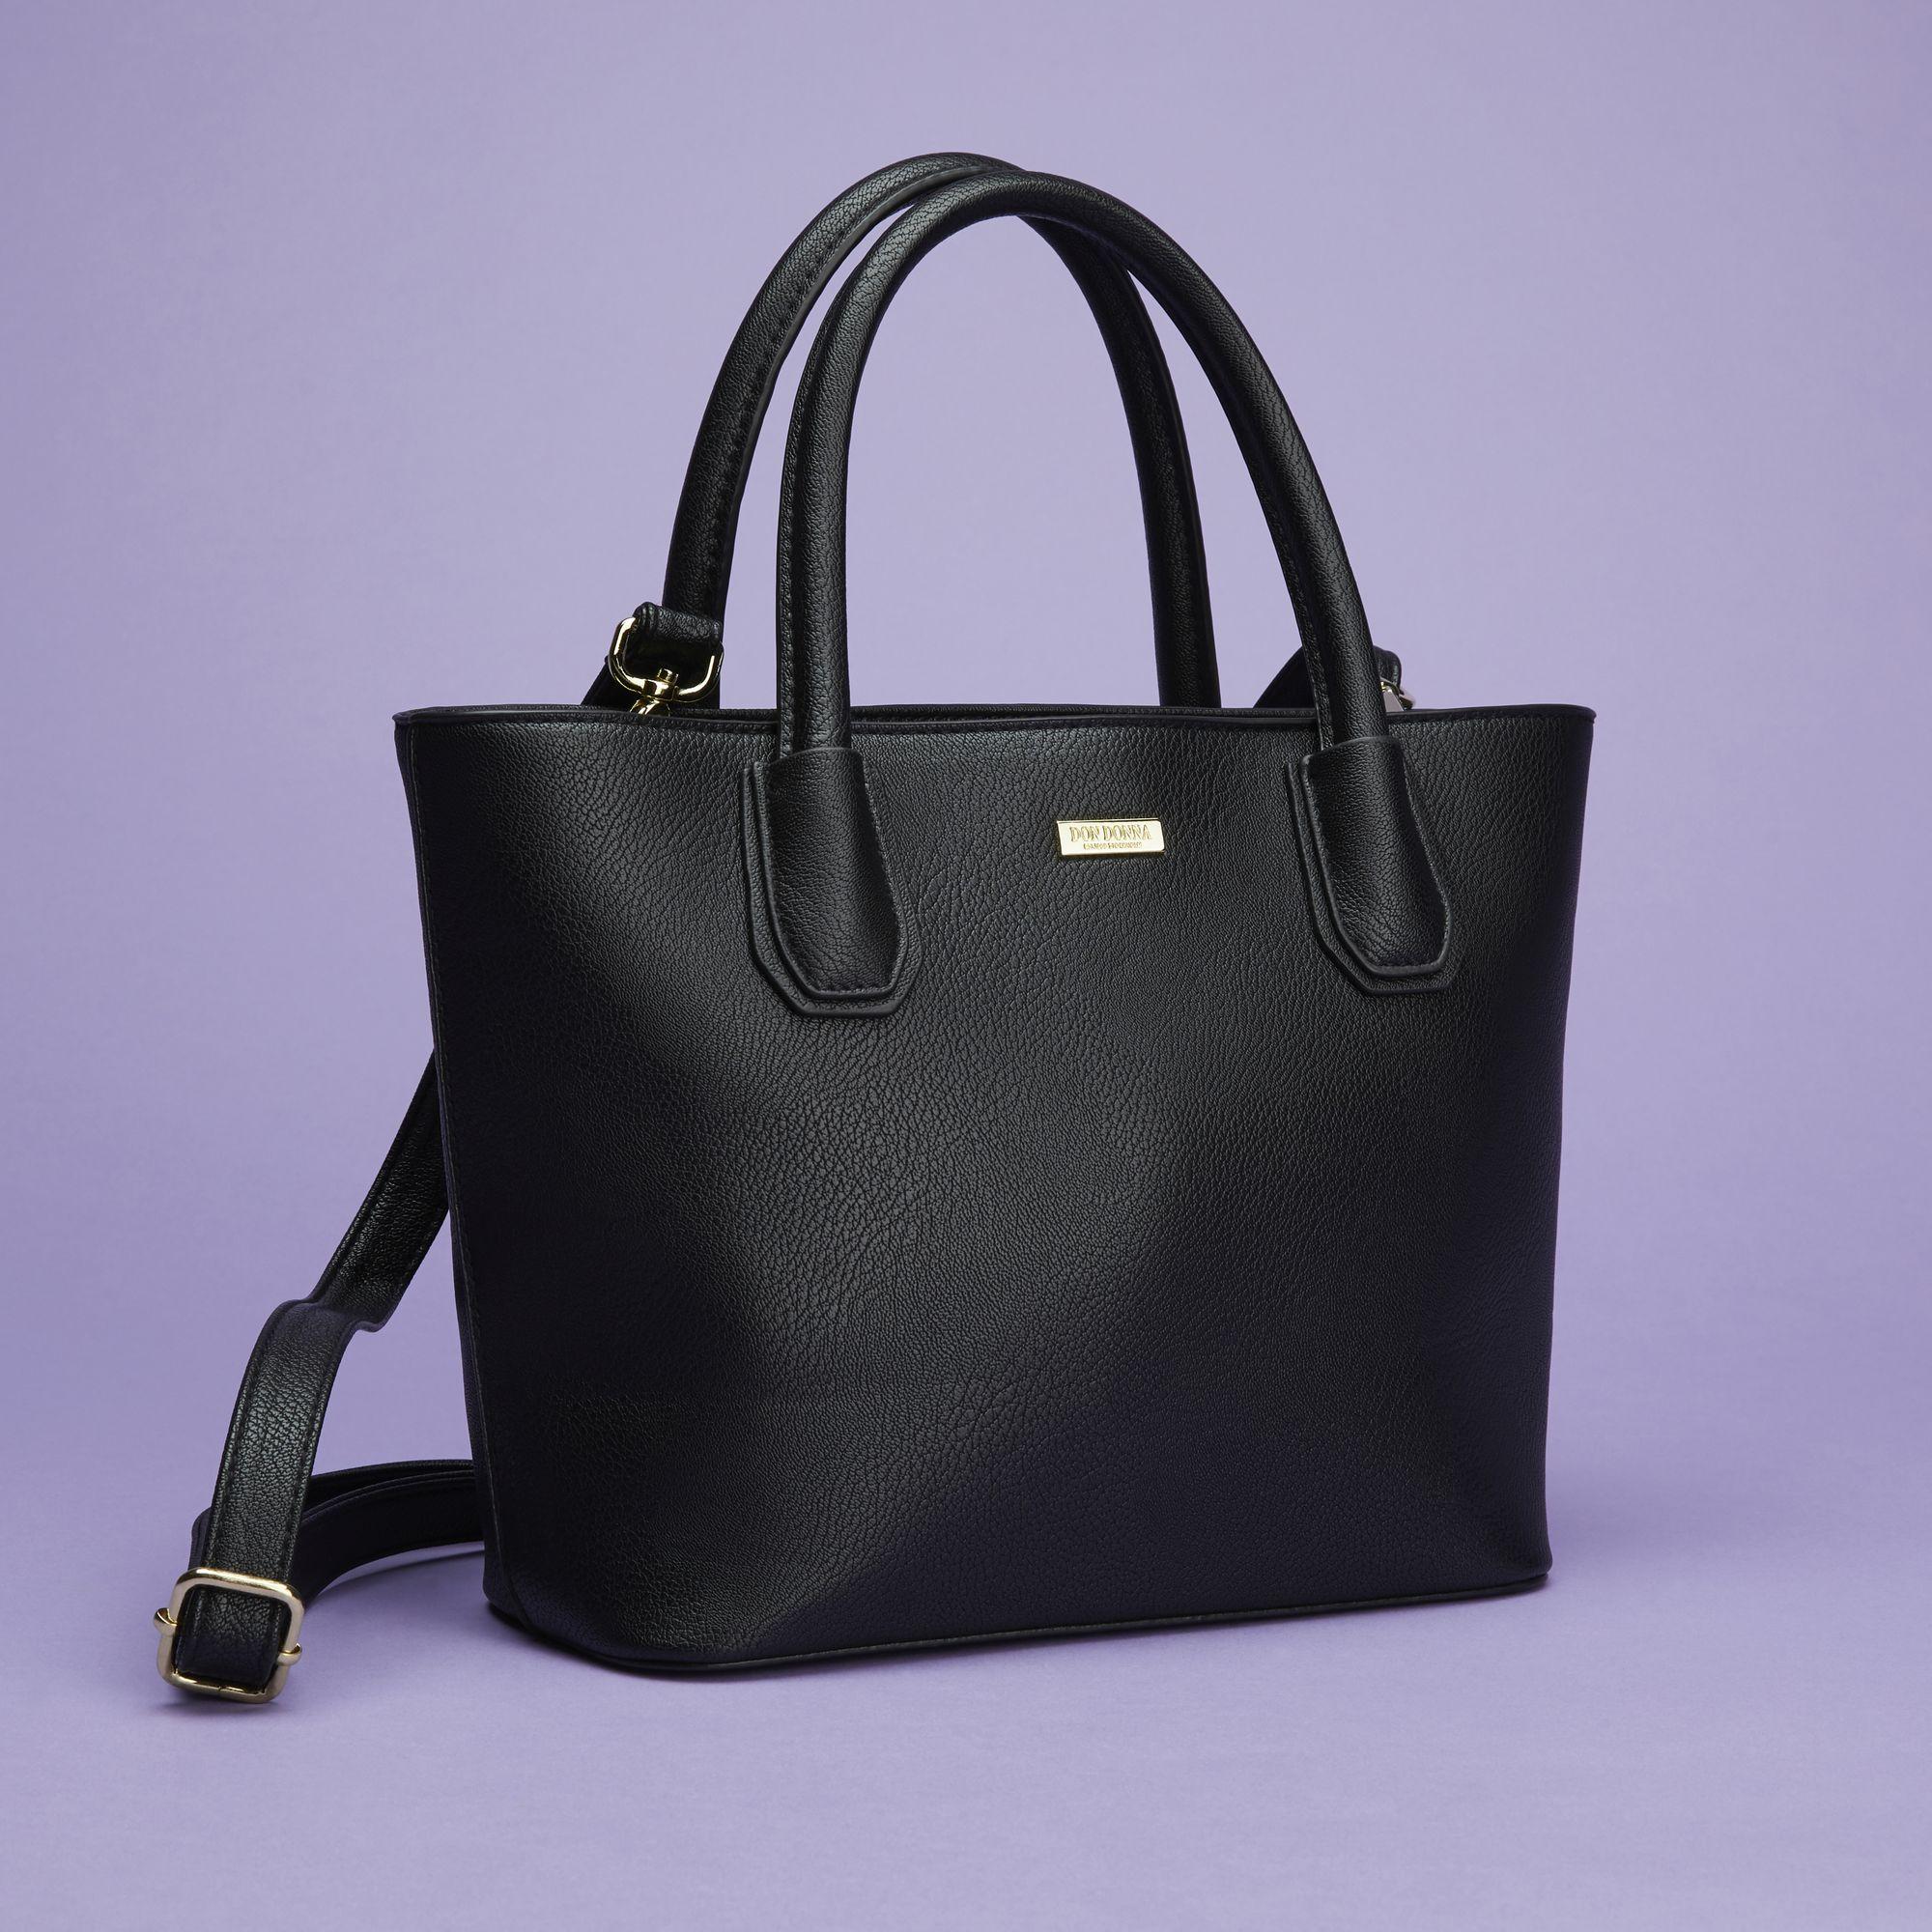 don donna väska liten